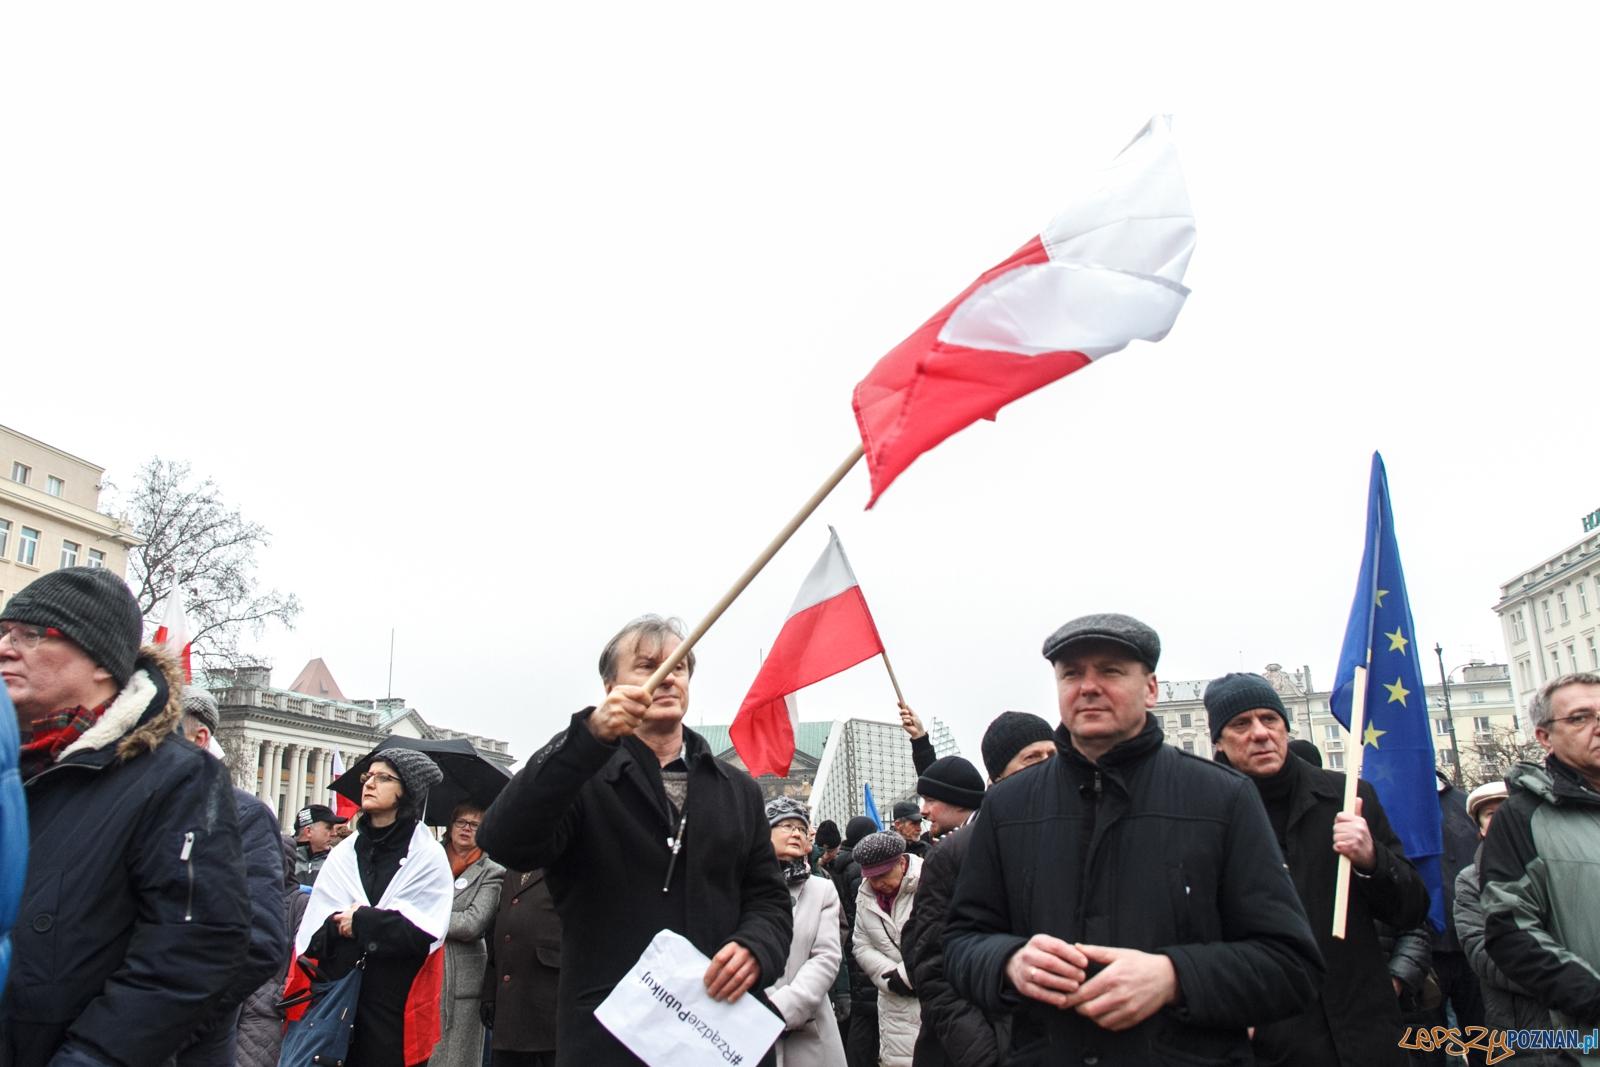 Obrona Ładu Konstytucyjnego, Prawa i Naszej Wolności - Poznań  Foto: LepszyPOZNAN.pl / Paweł Rychter